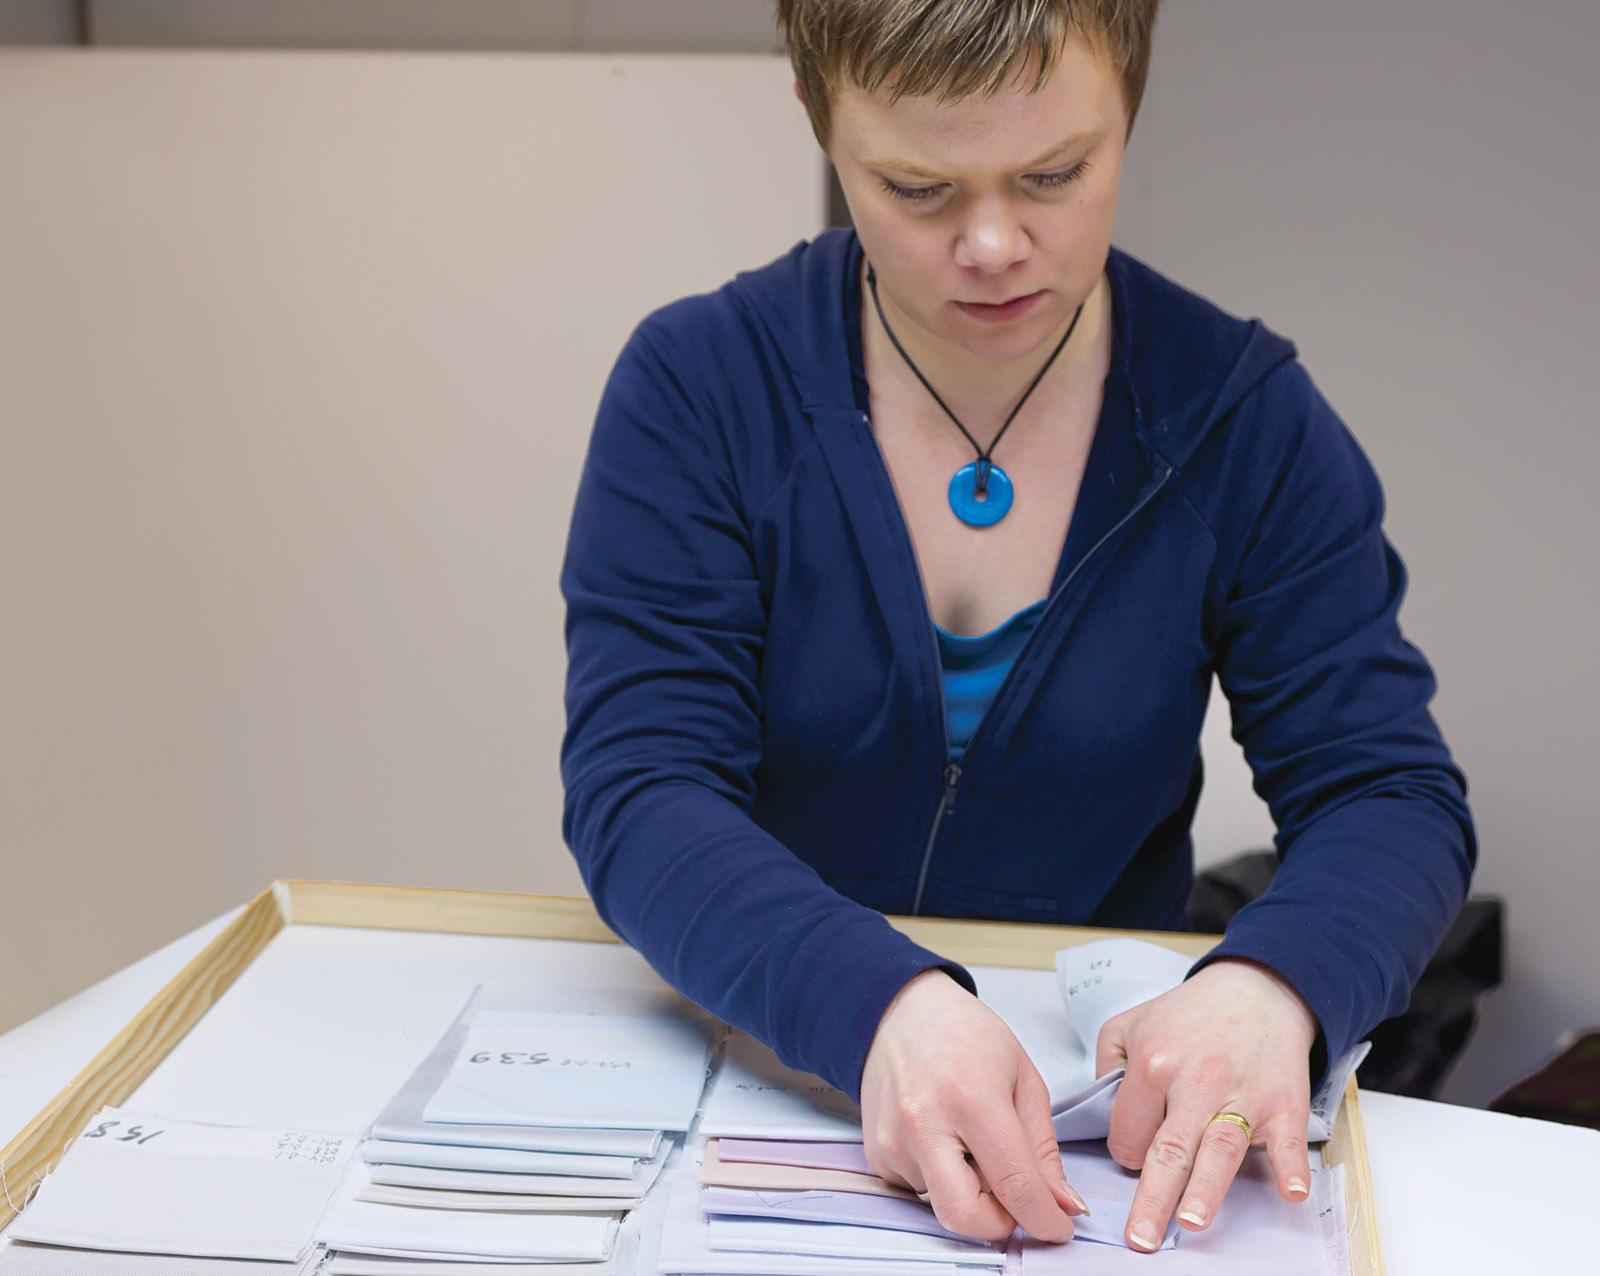 Taina Tiilikainen thumbing through Marimekko swatches